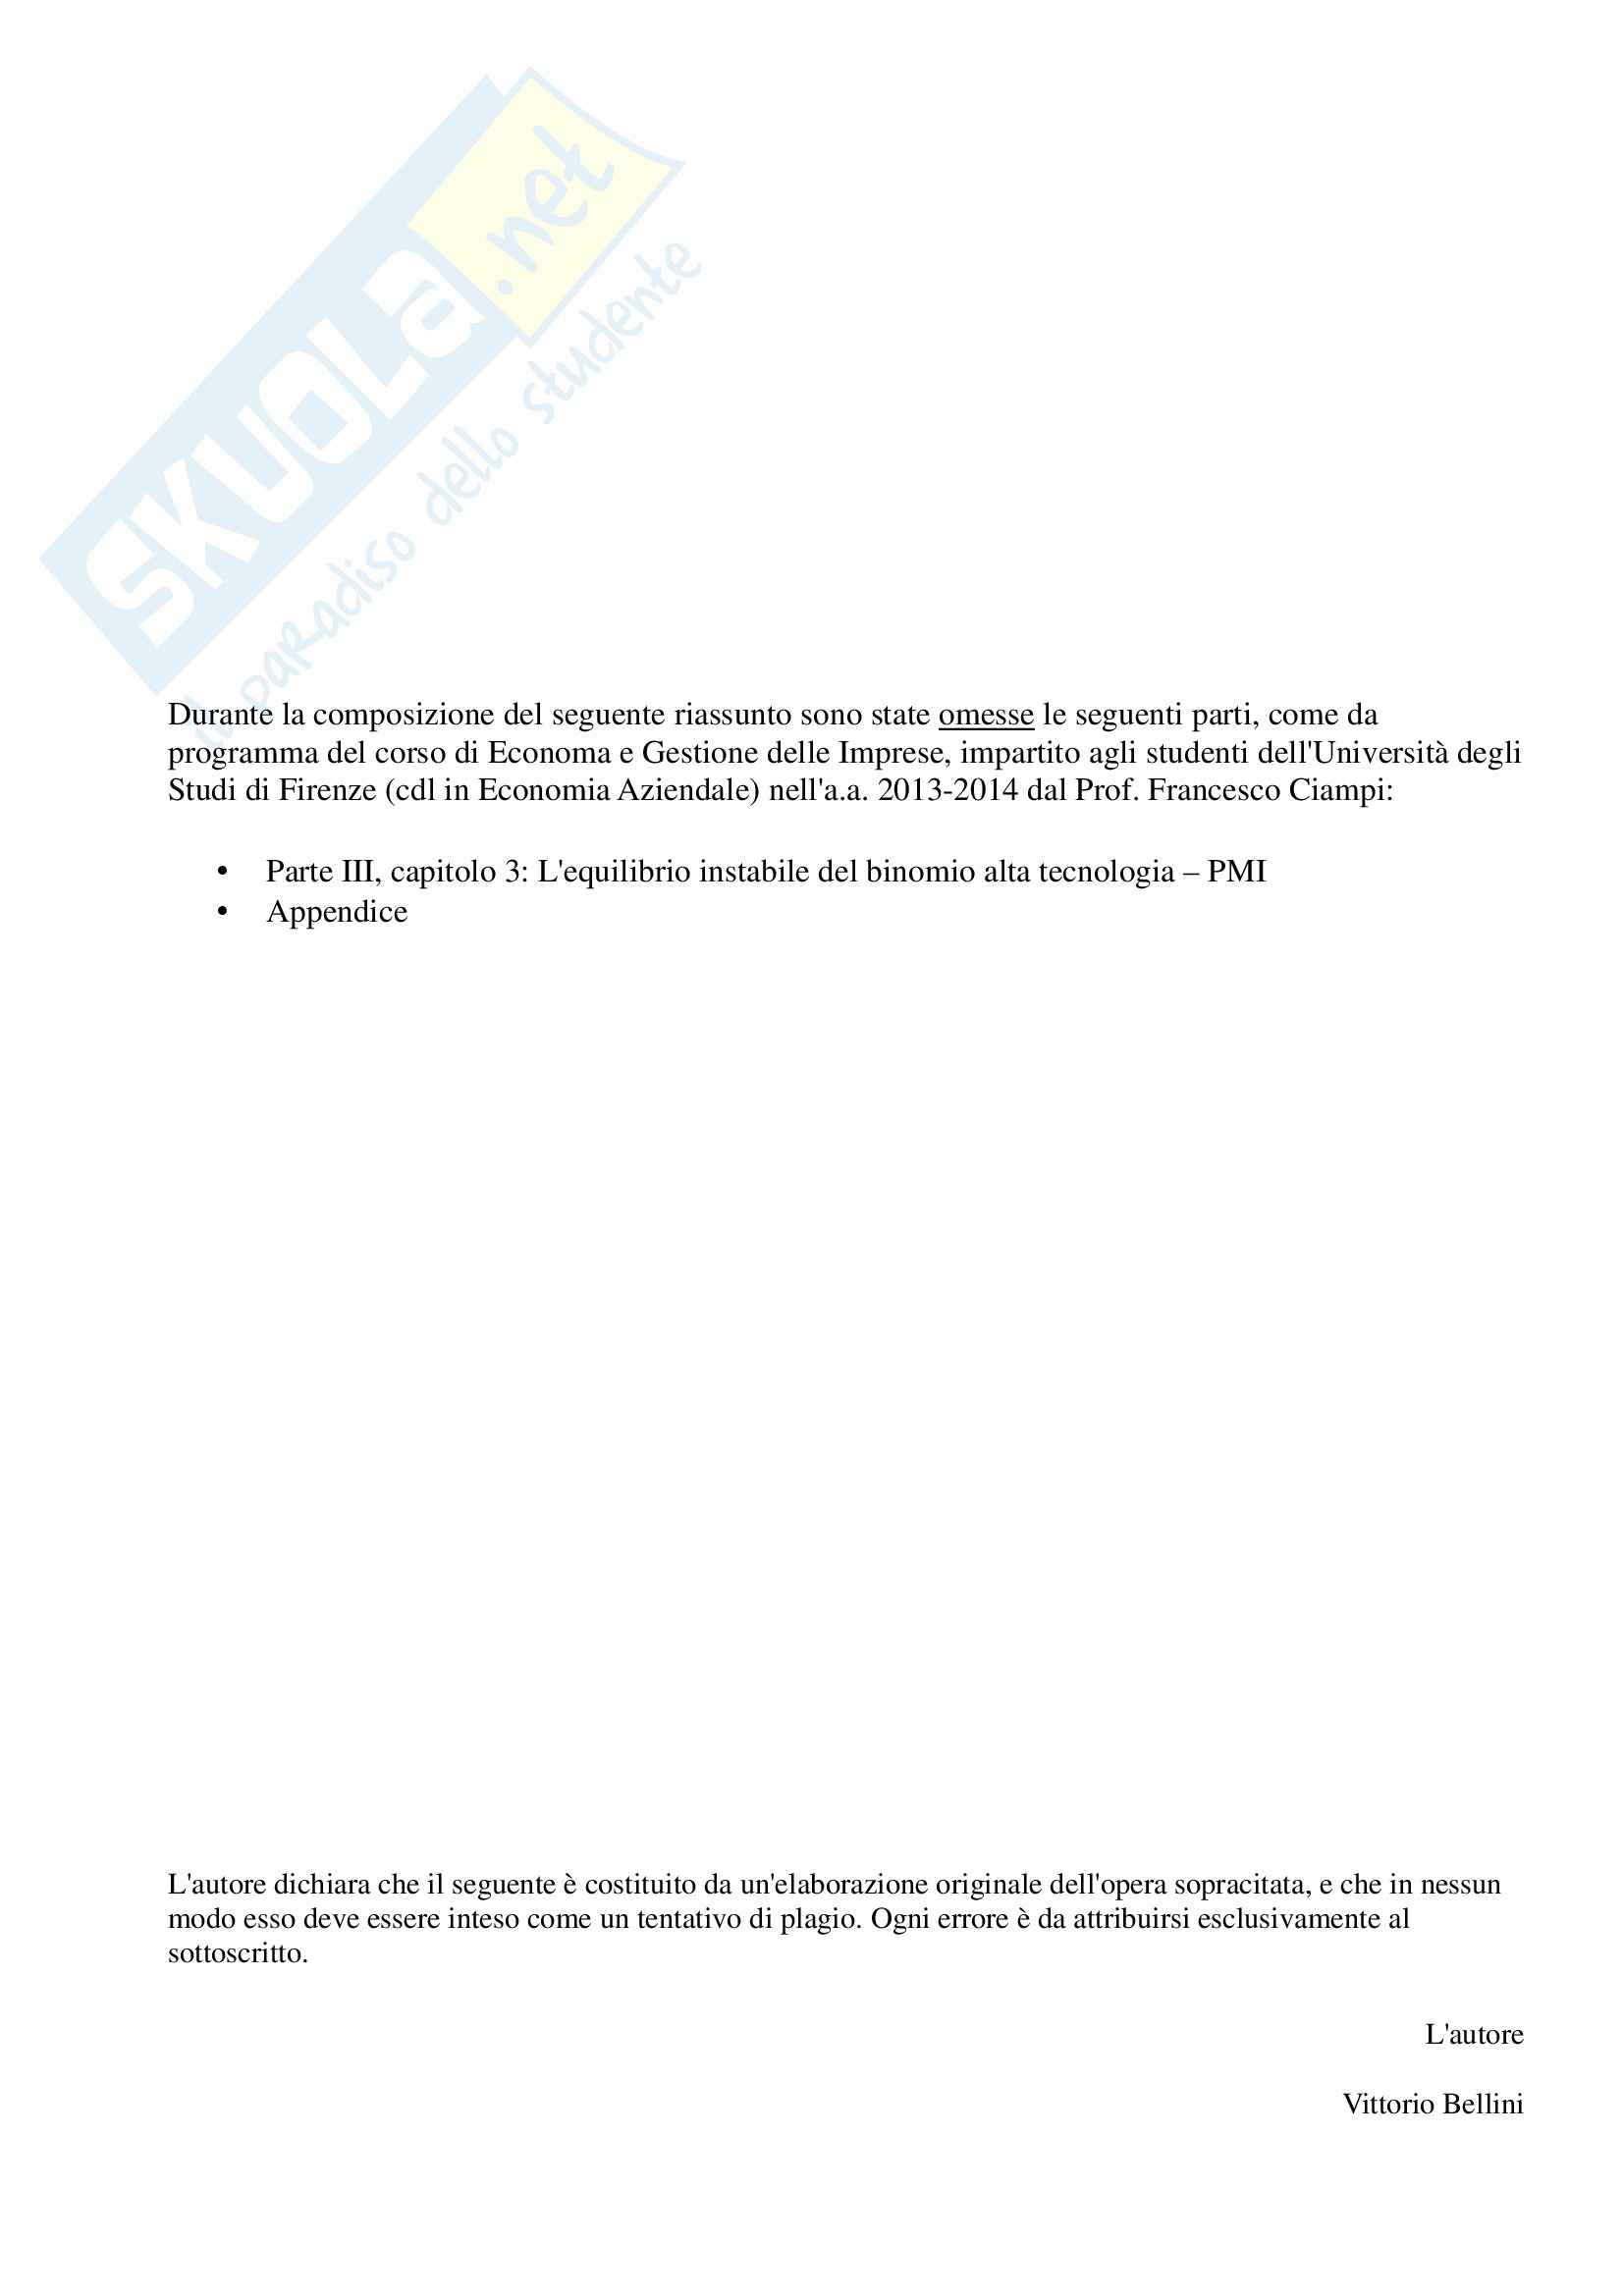 Riassunto esame Economia e gestione delle imprese, prof. Ciampi, libro consigliato Fondamenti di Economia e Gestione delle Imprese